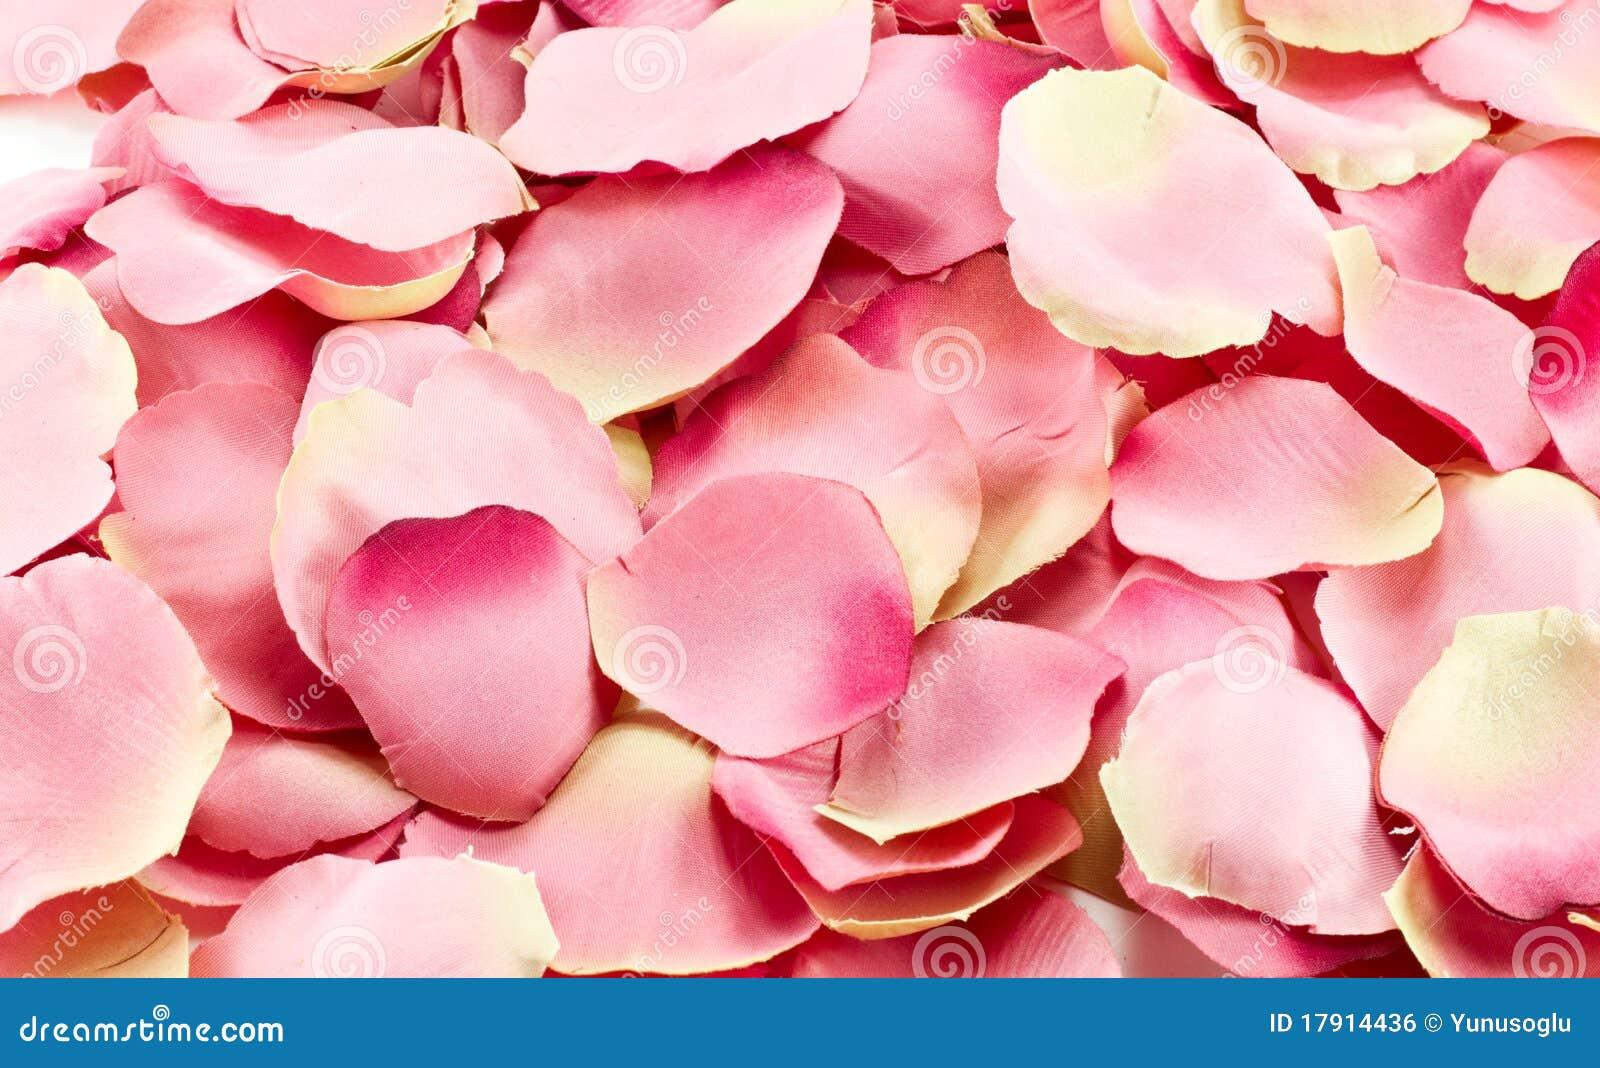 pink rose petals royalty free stock image image 17914436. Black Bedroom Furniture Sets. Home Design Ideas